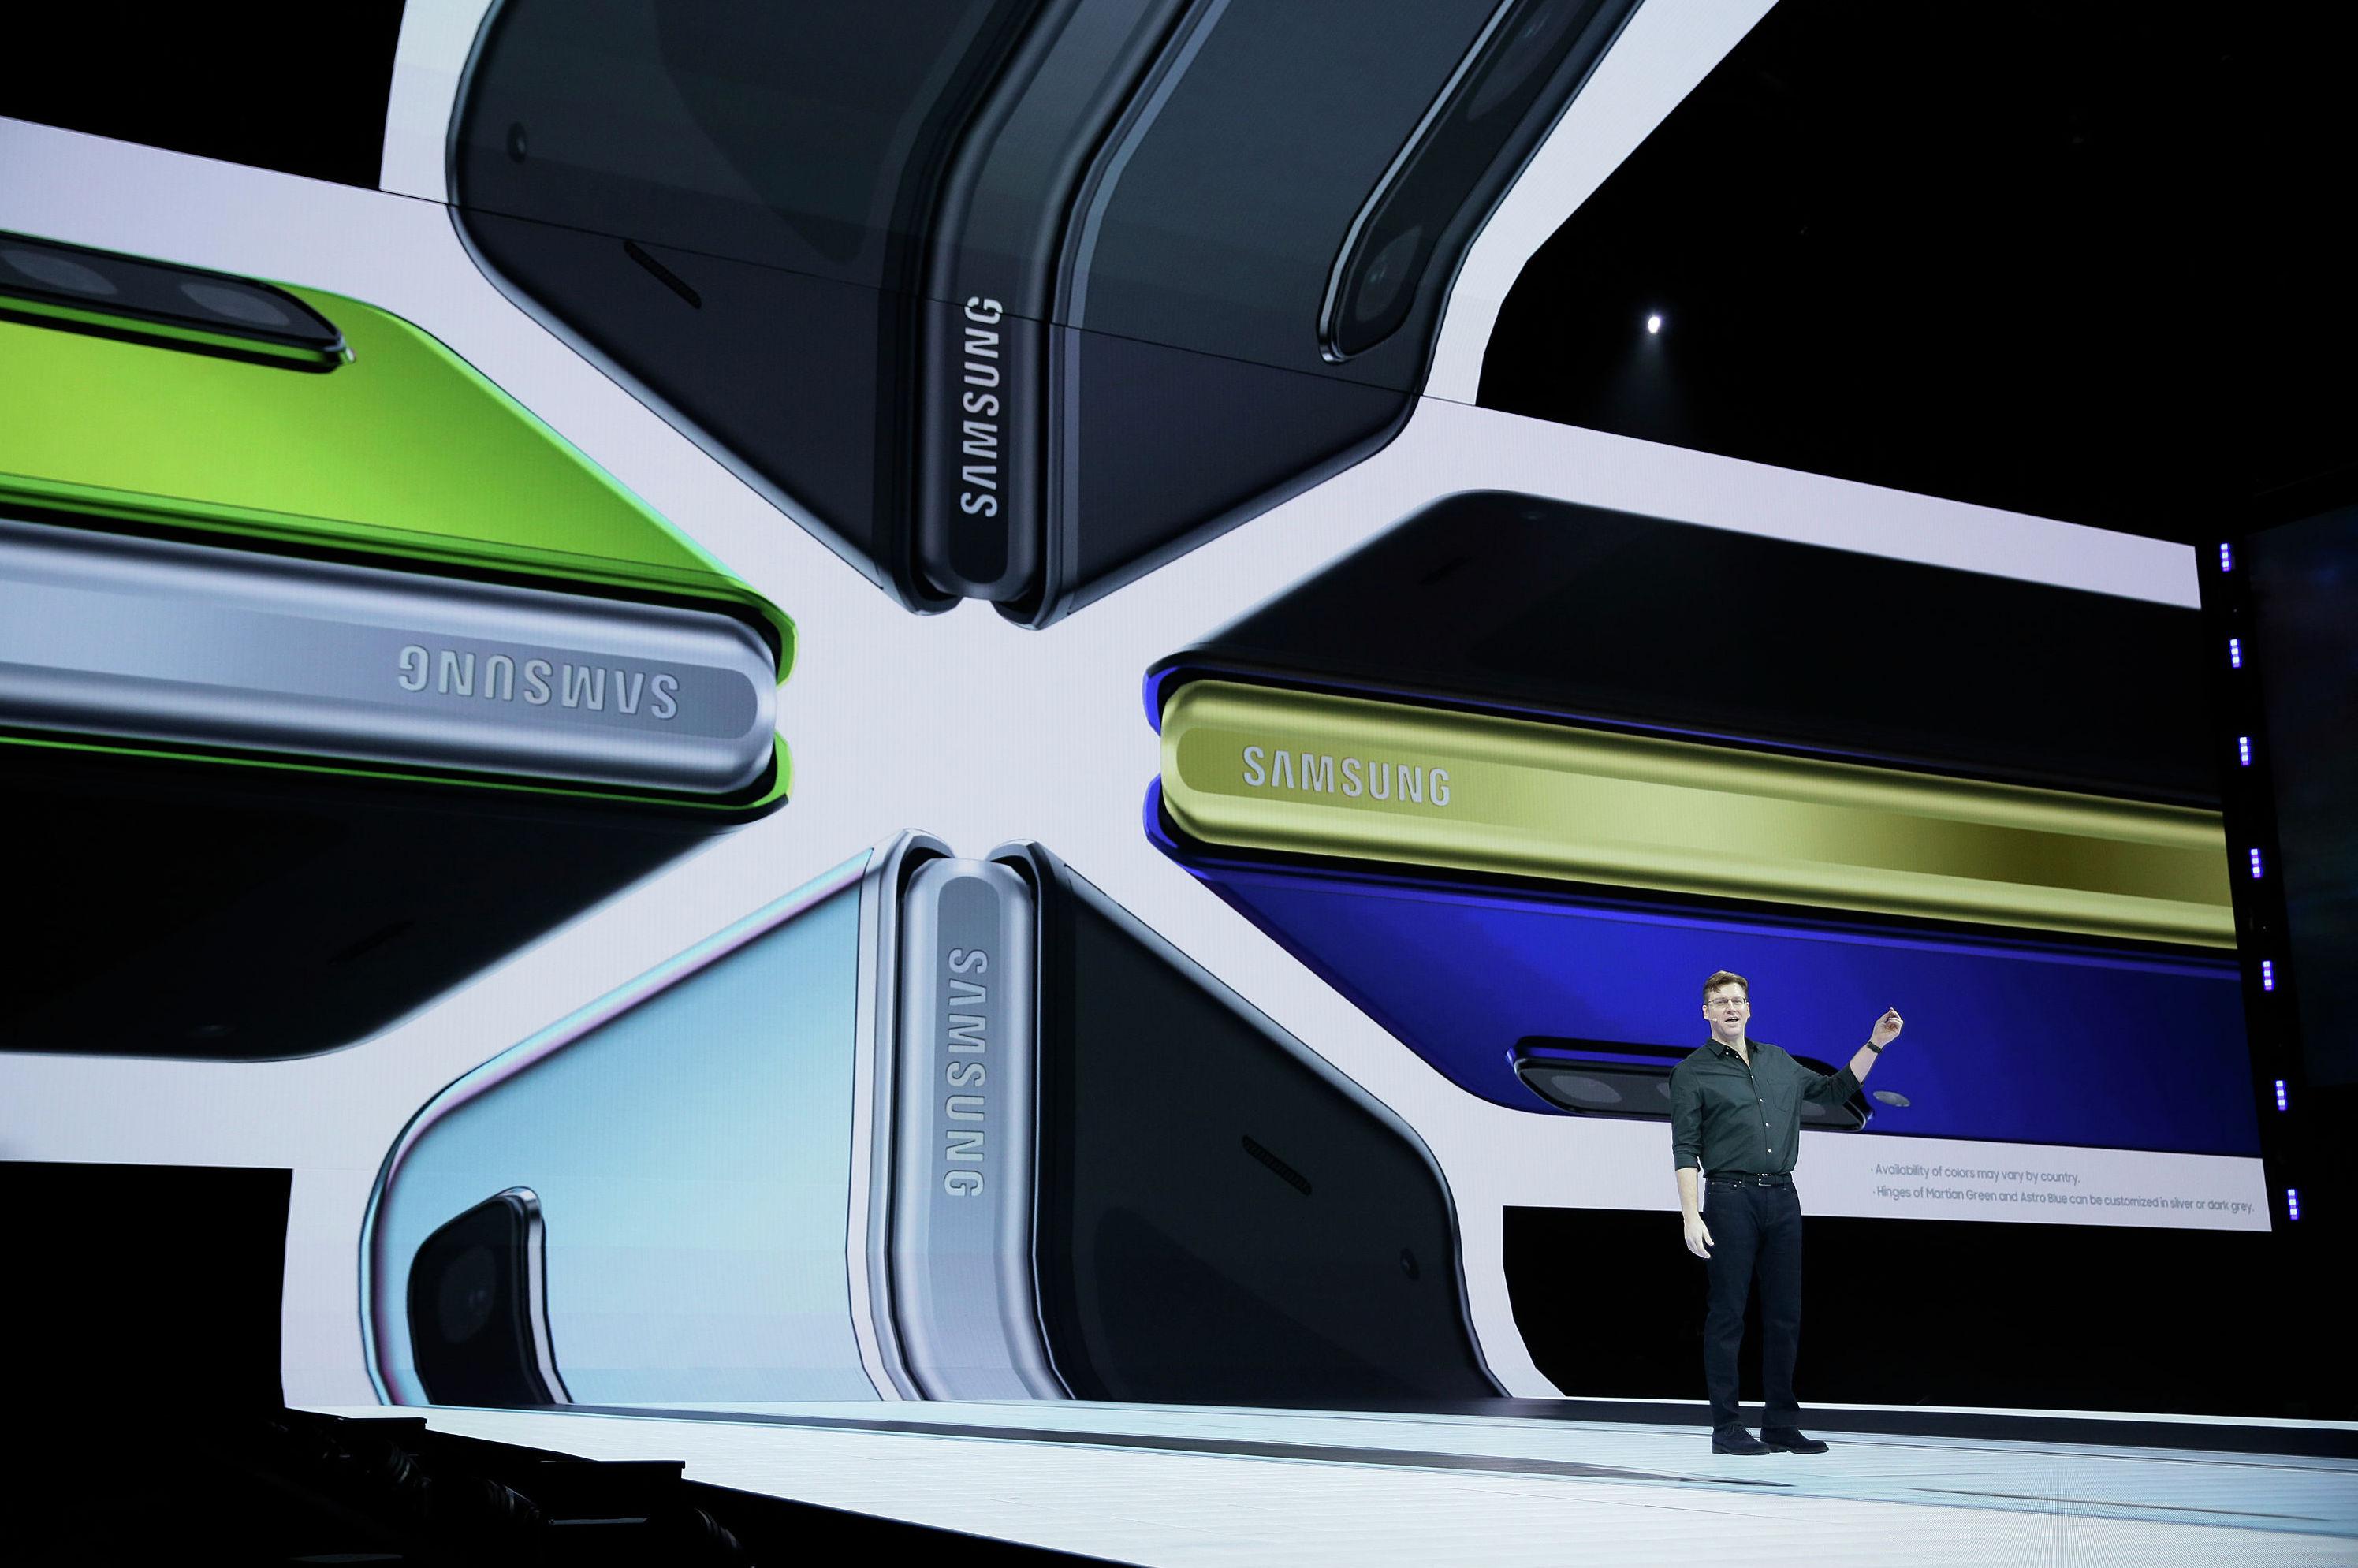 Джастин Денисон, старший вице-президент по разработке мобильных продуктов, рассказывает о цветовых вариантах нового смартфона Samsung Galaxy Fold в среду, 20 февраля 2019 года, в Сан-Франциско